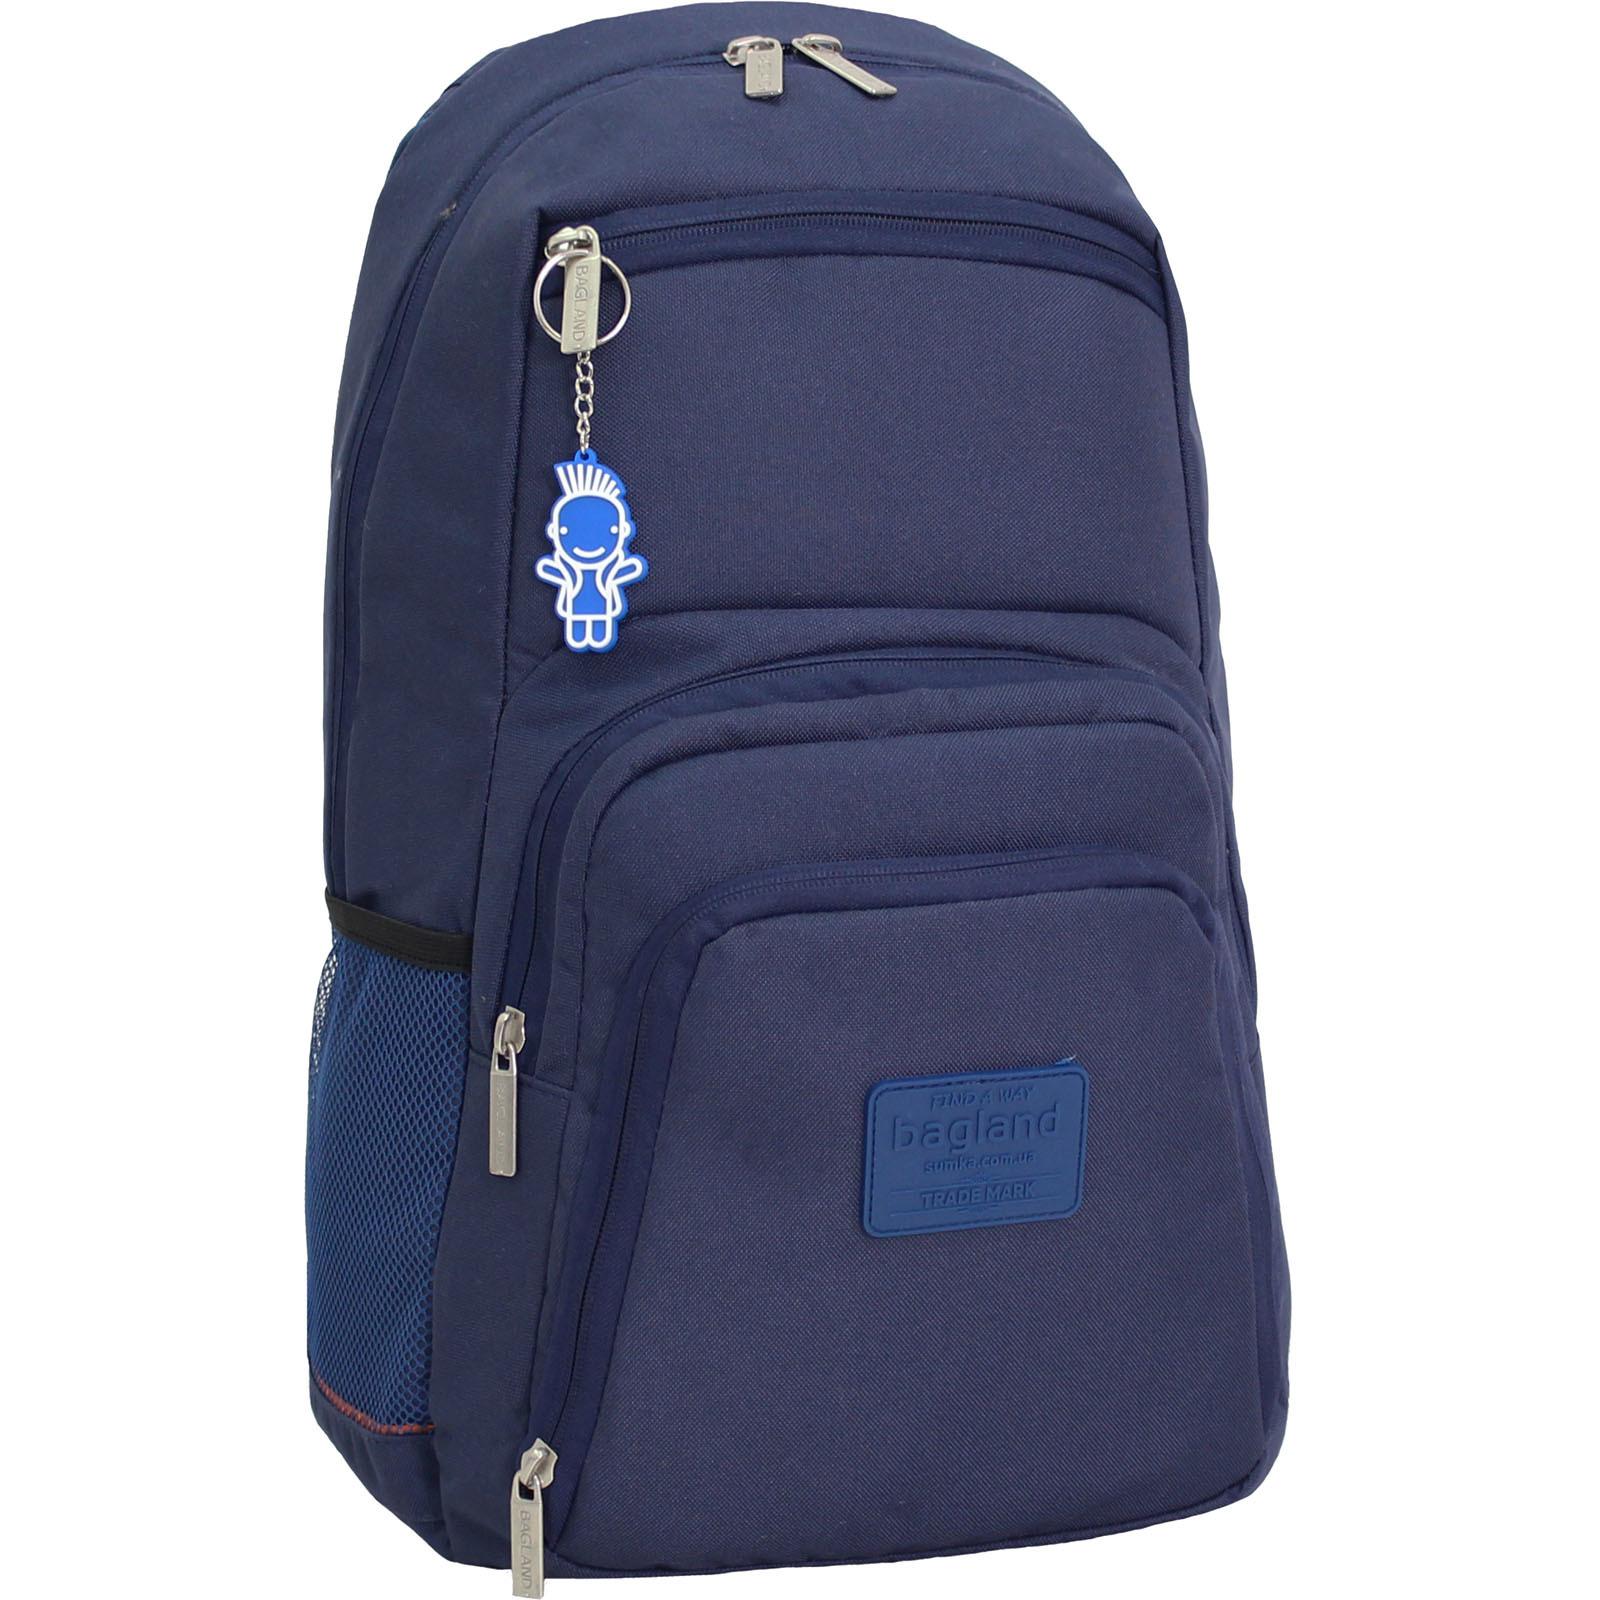 Рюкзаки для ноутбука Рюкзак для ноутбука Bagland Freestyle 21 л. 330 чорнильний (0011966) IMG_0625.JPG